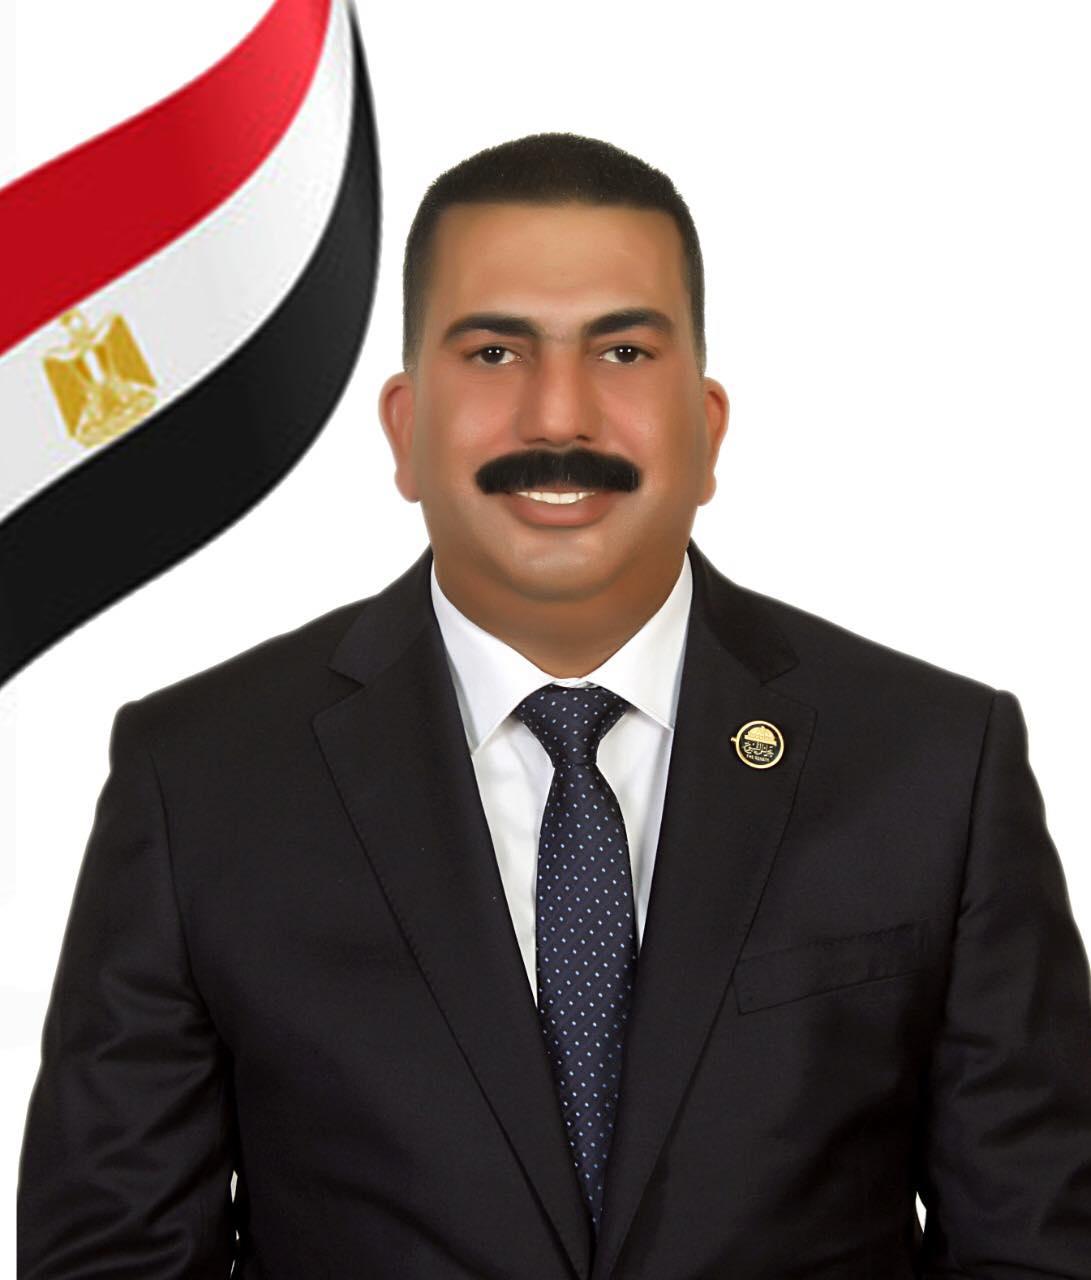 النائب هشام سويلم يتقدم قوافل حماة الوطن